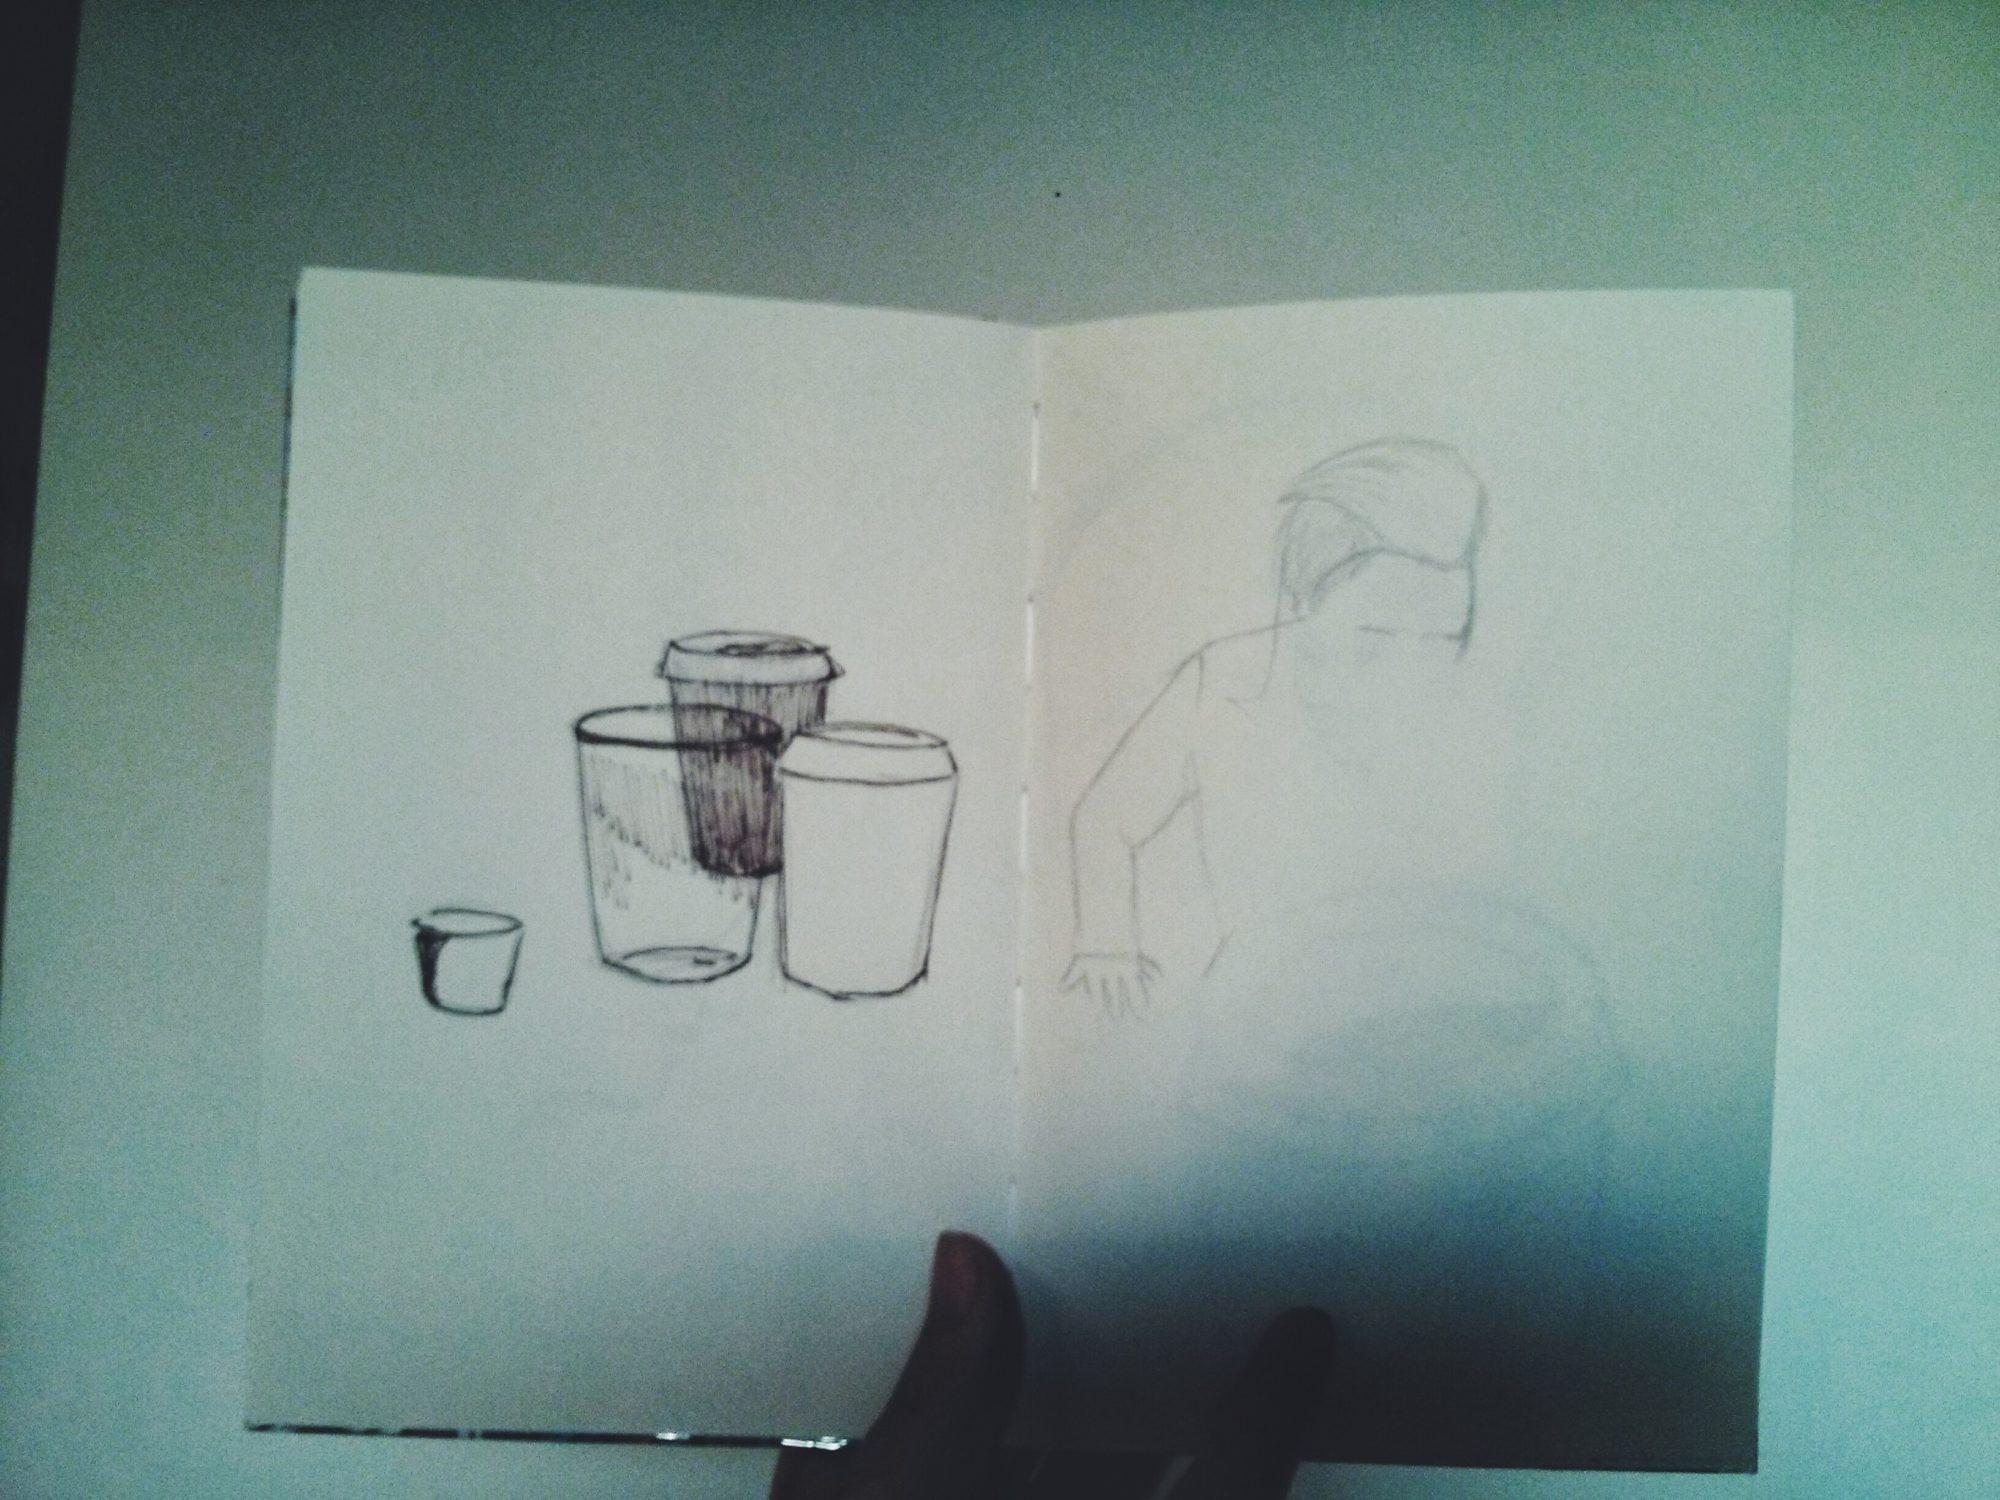 Une conso et un dessin